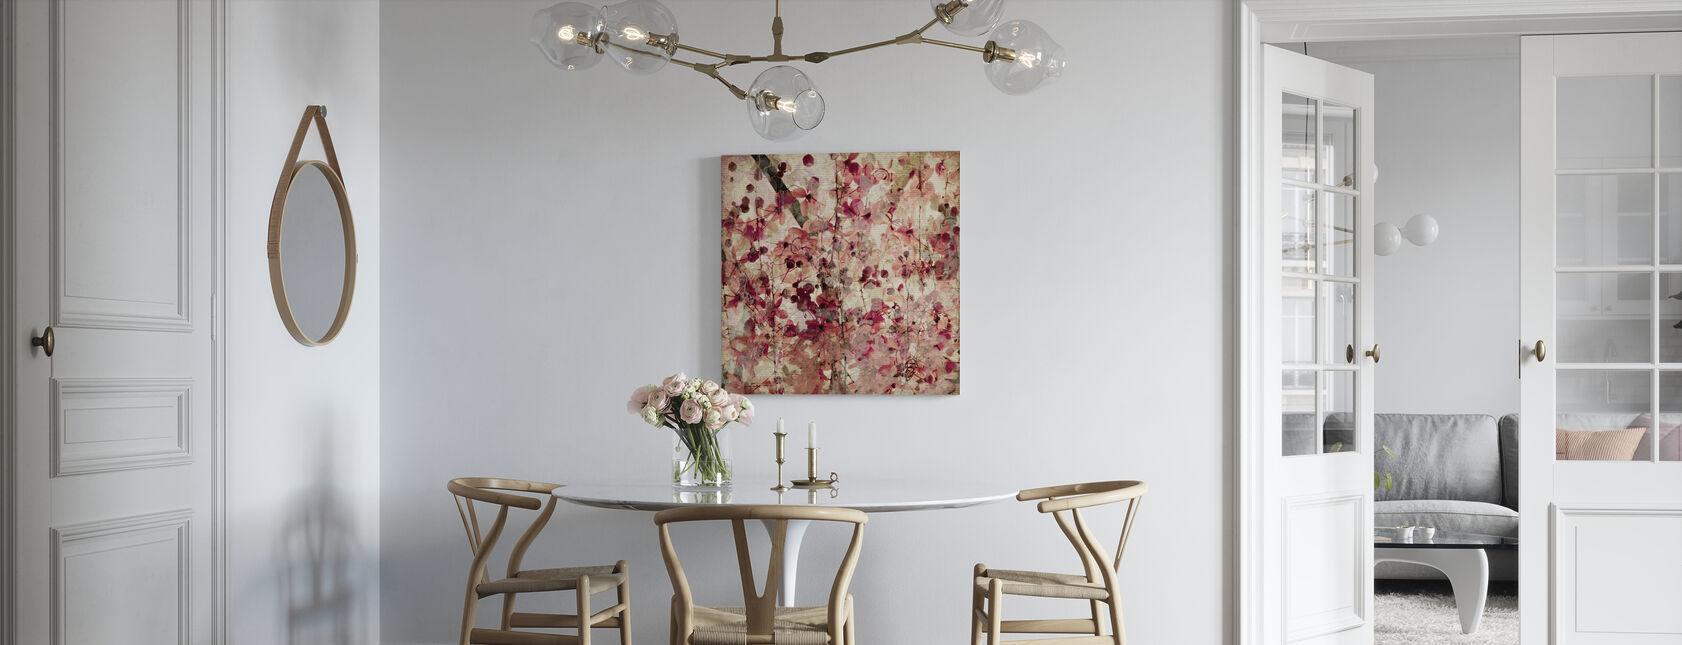 Blomstryck på ribbad bambu - Canvastavla - Kök